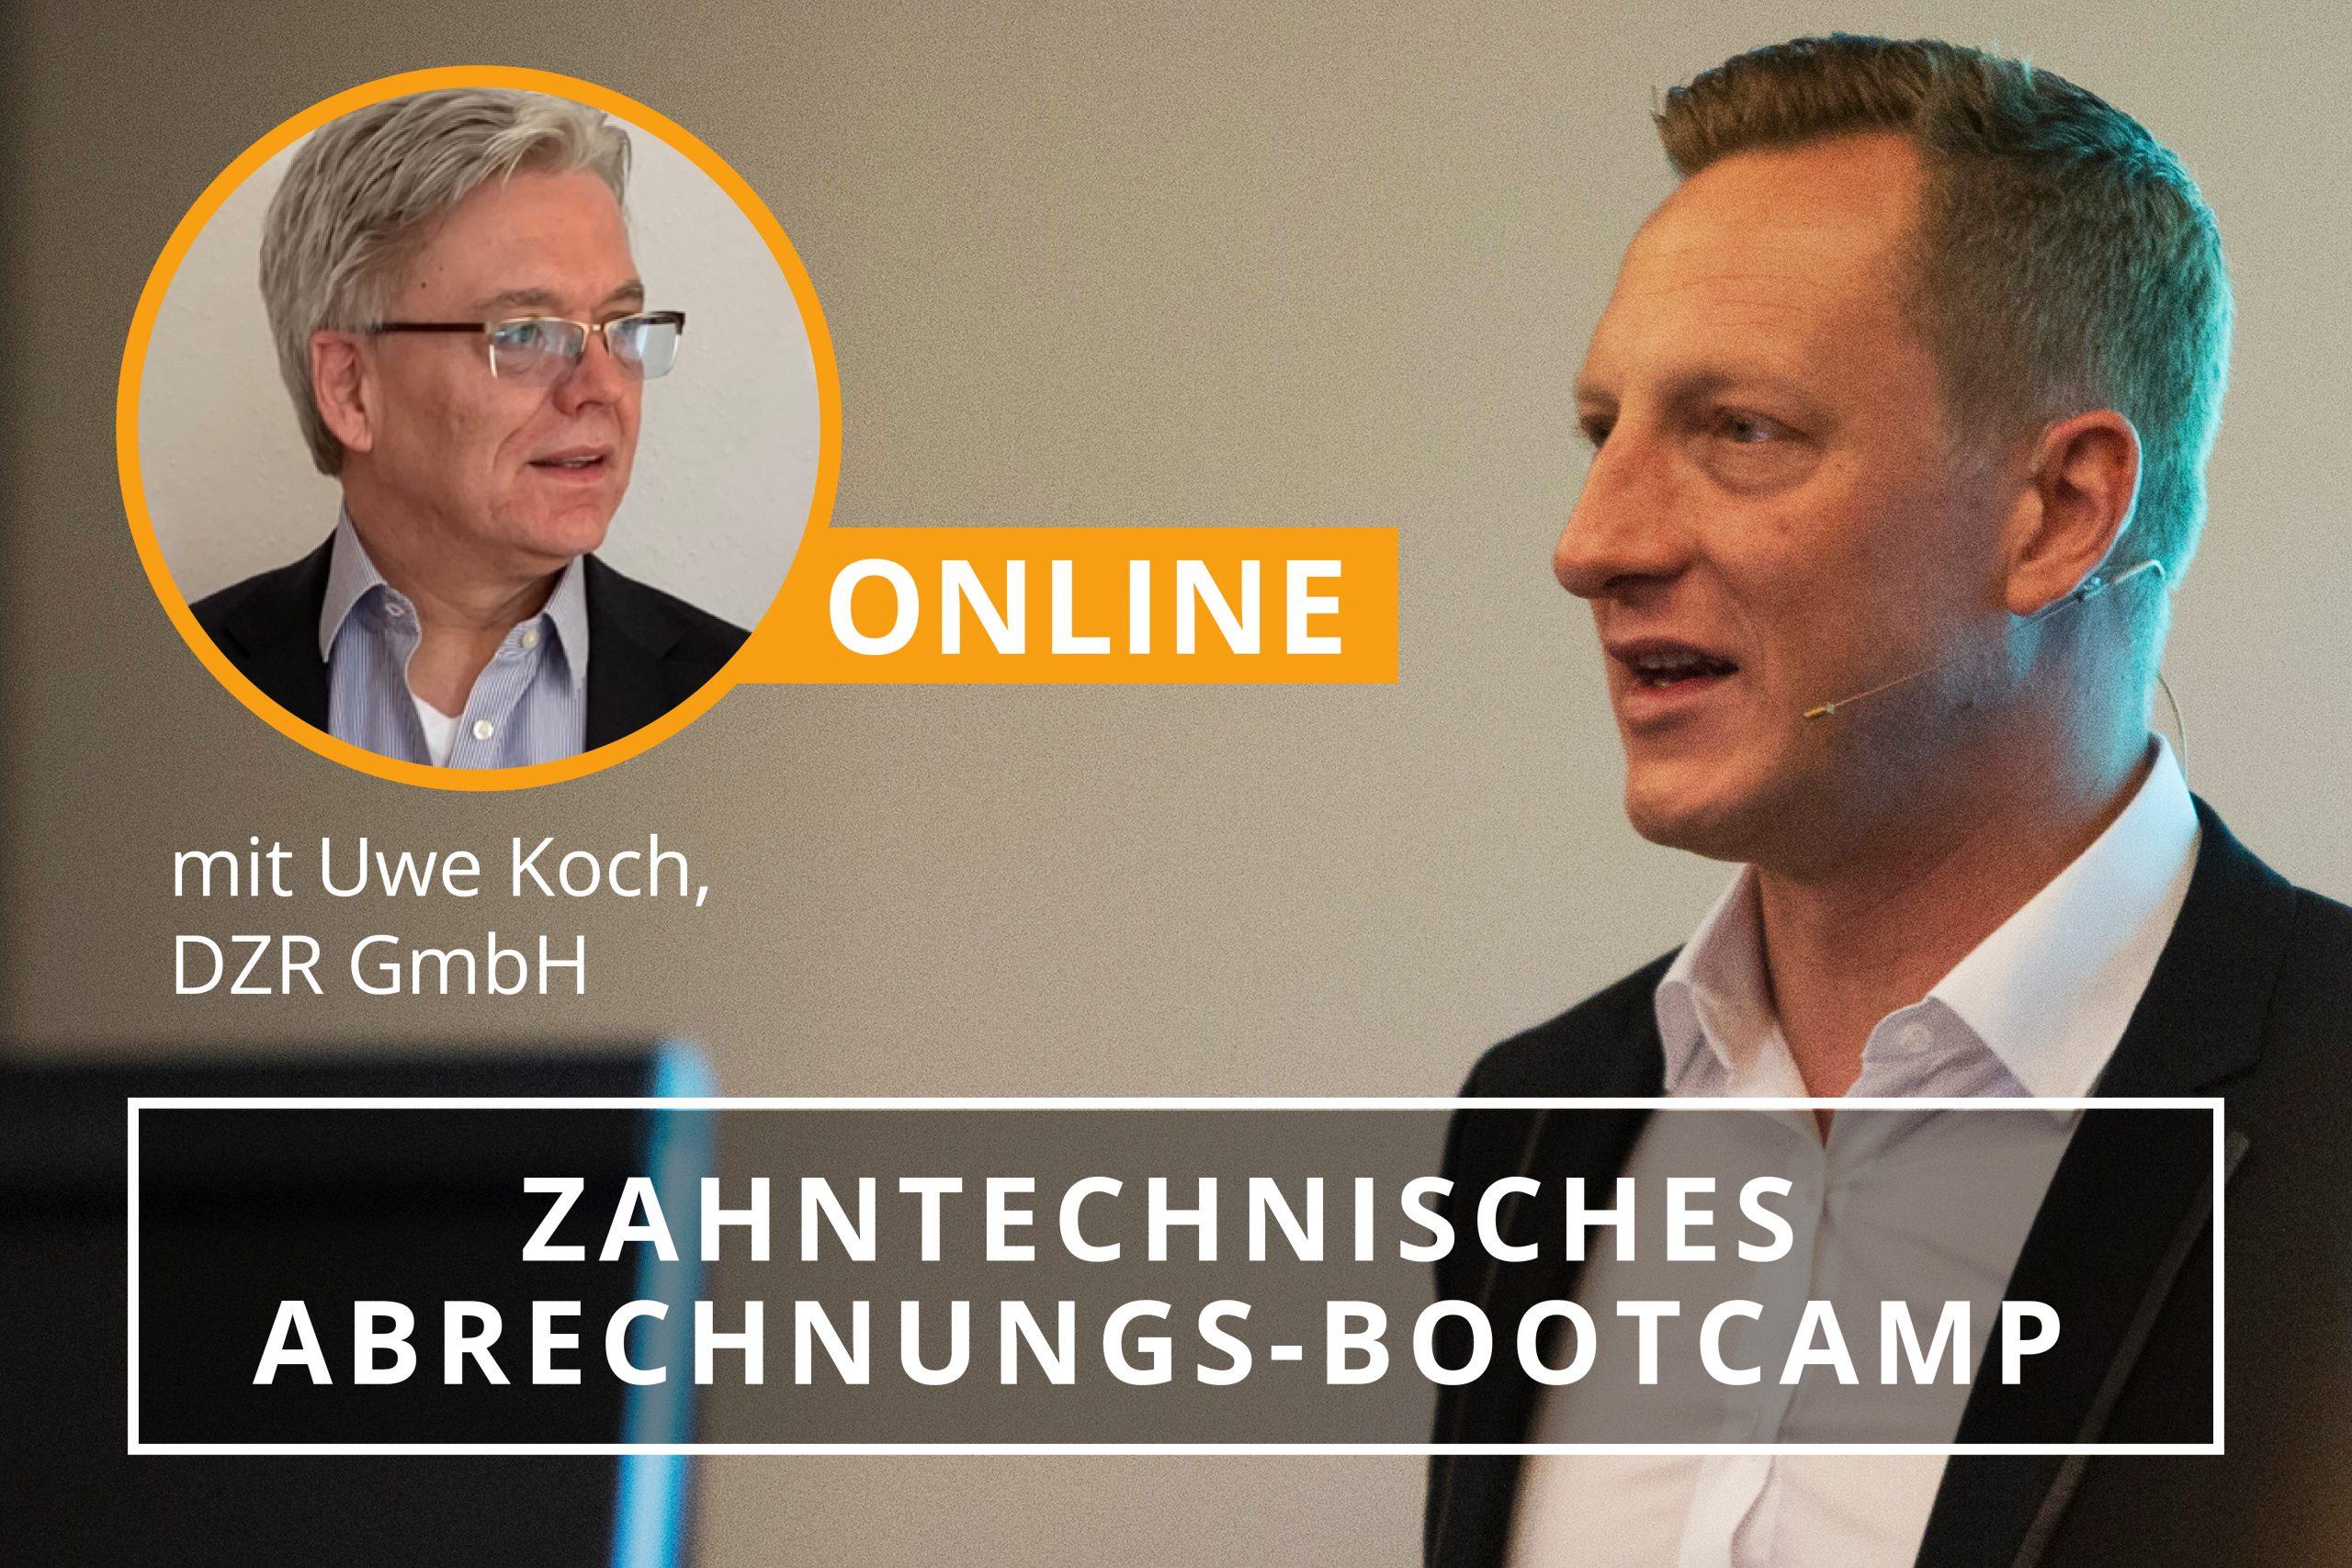 Zahntechnisches Abrechnungs-Bootcamp20.03.2021